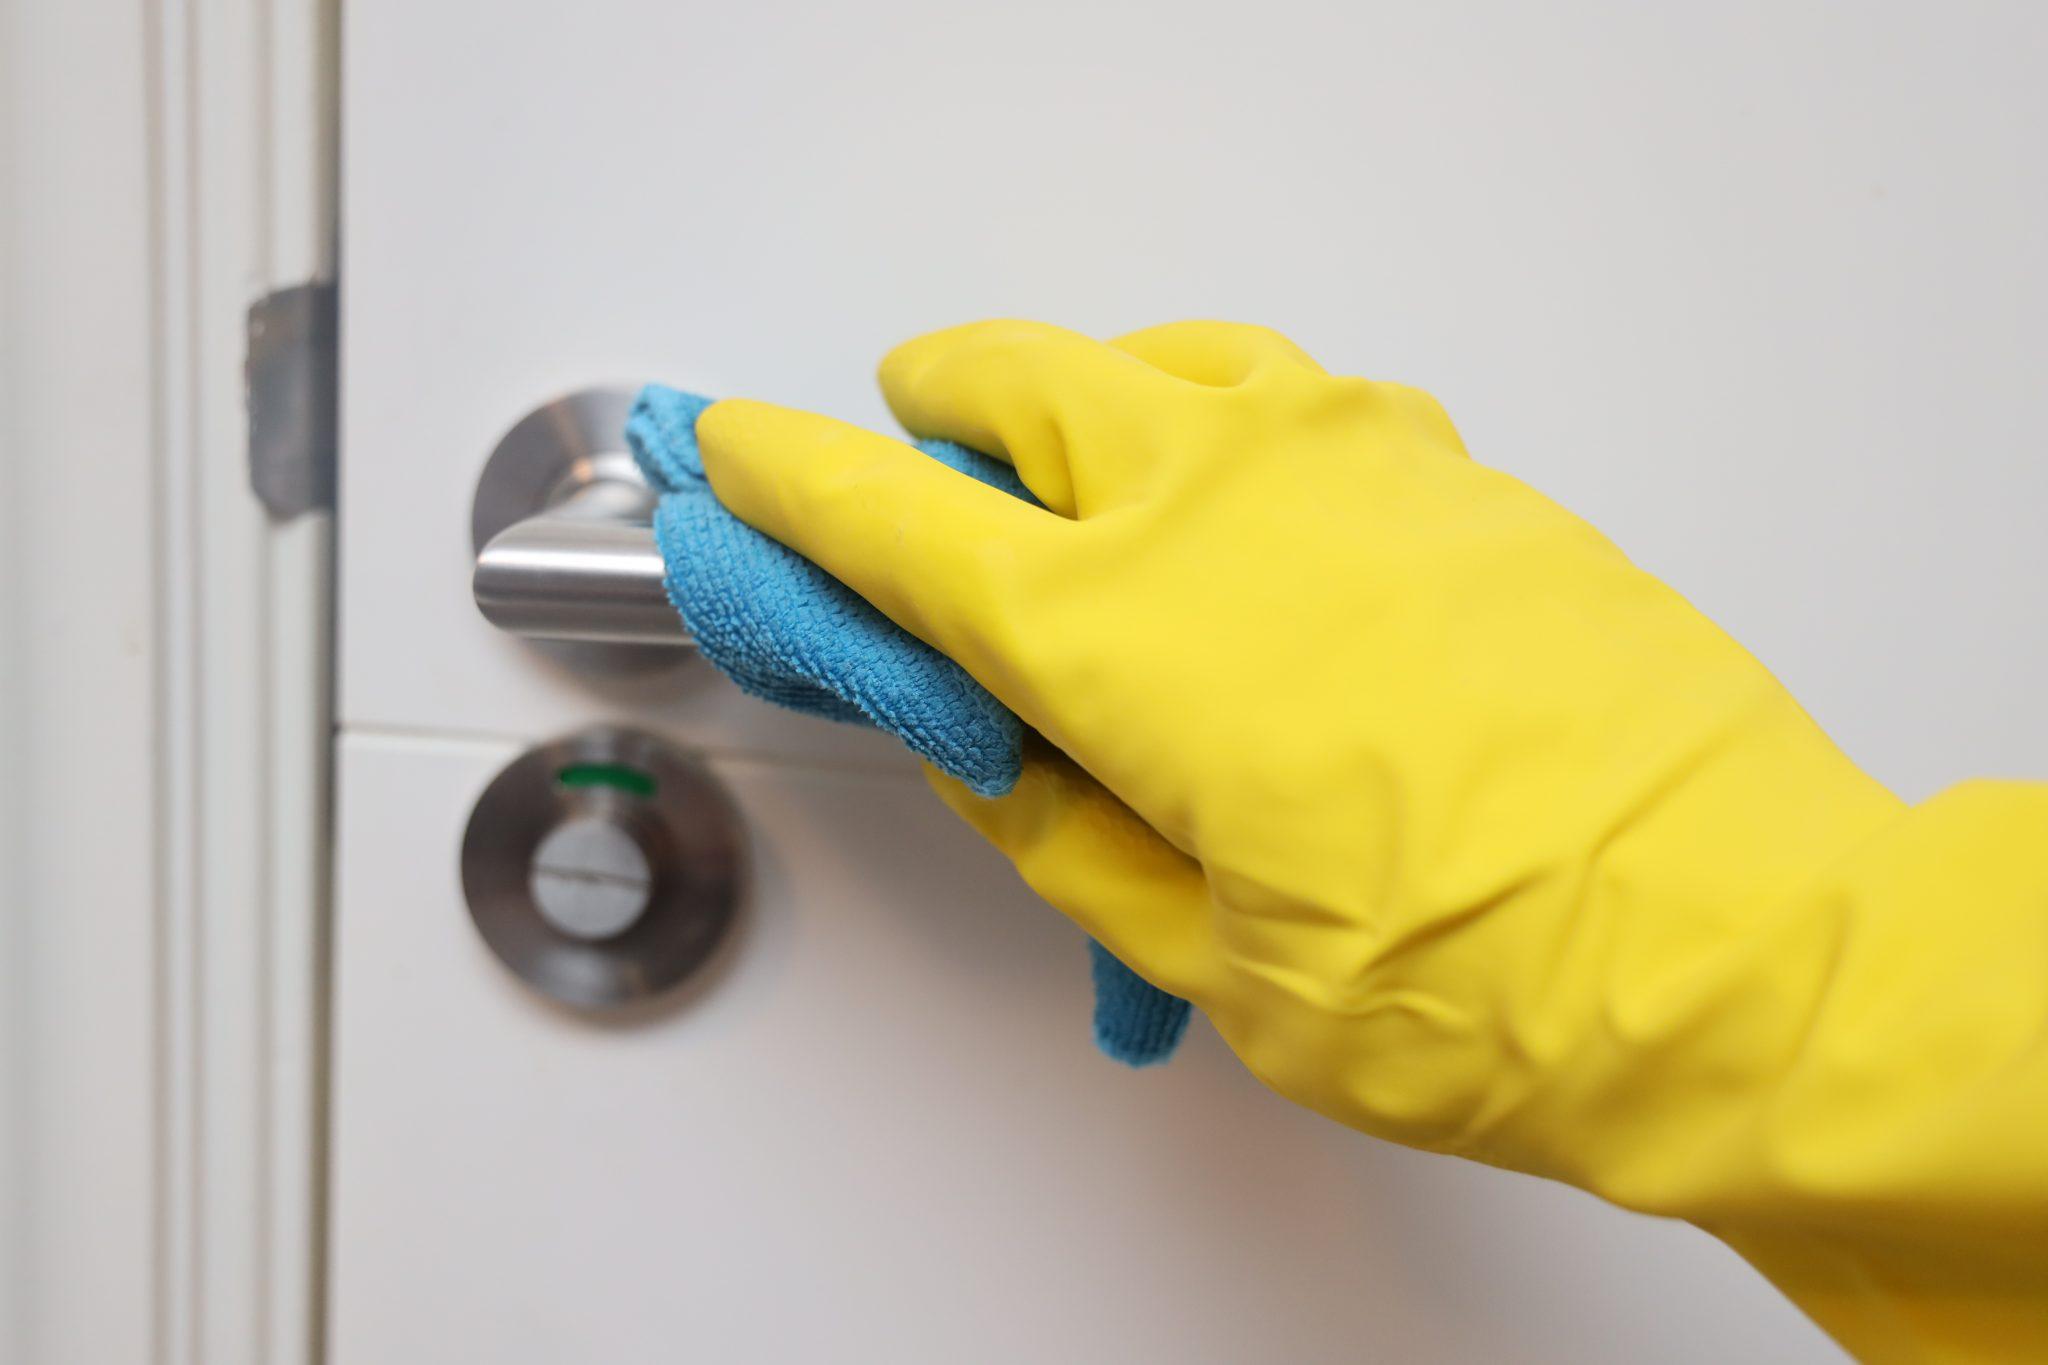 deurklink schoonmaken